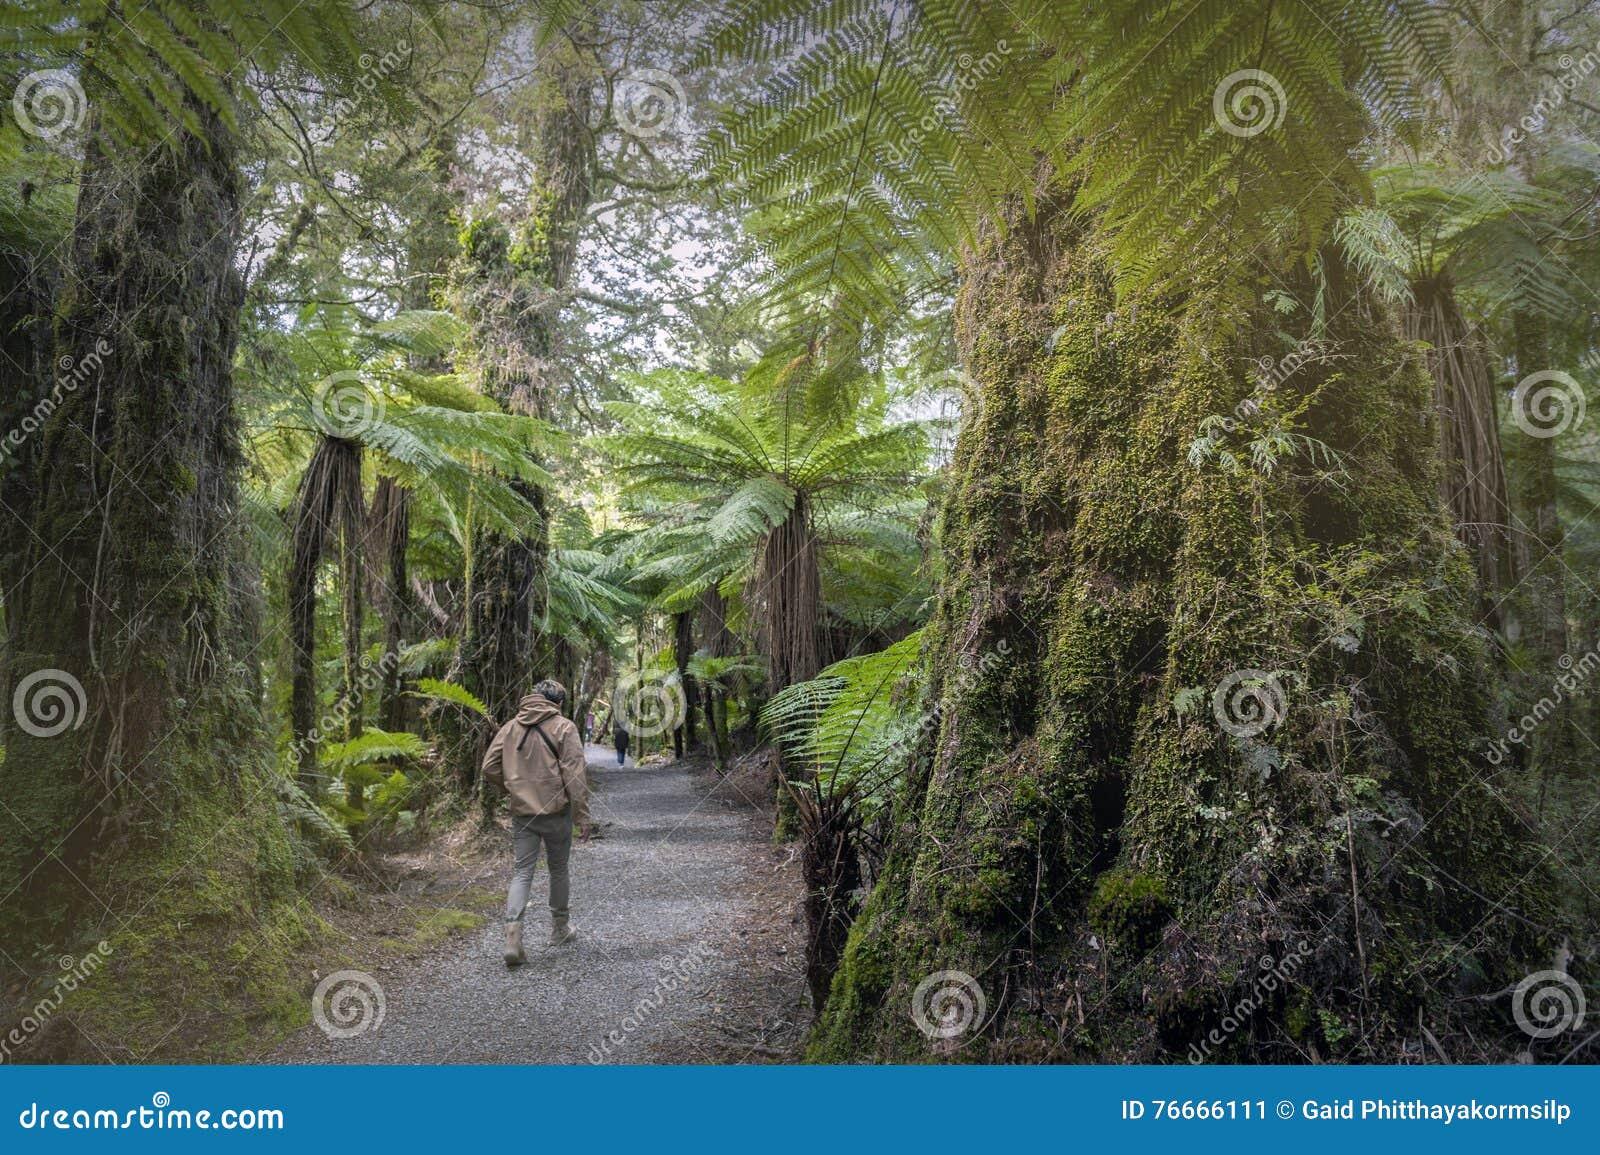 Wycieczkować wędrówkę Ryczeć Billy Spada wśród tropikalnego lasu deszczowego i paproci drzew, Nowa Zelandia